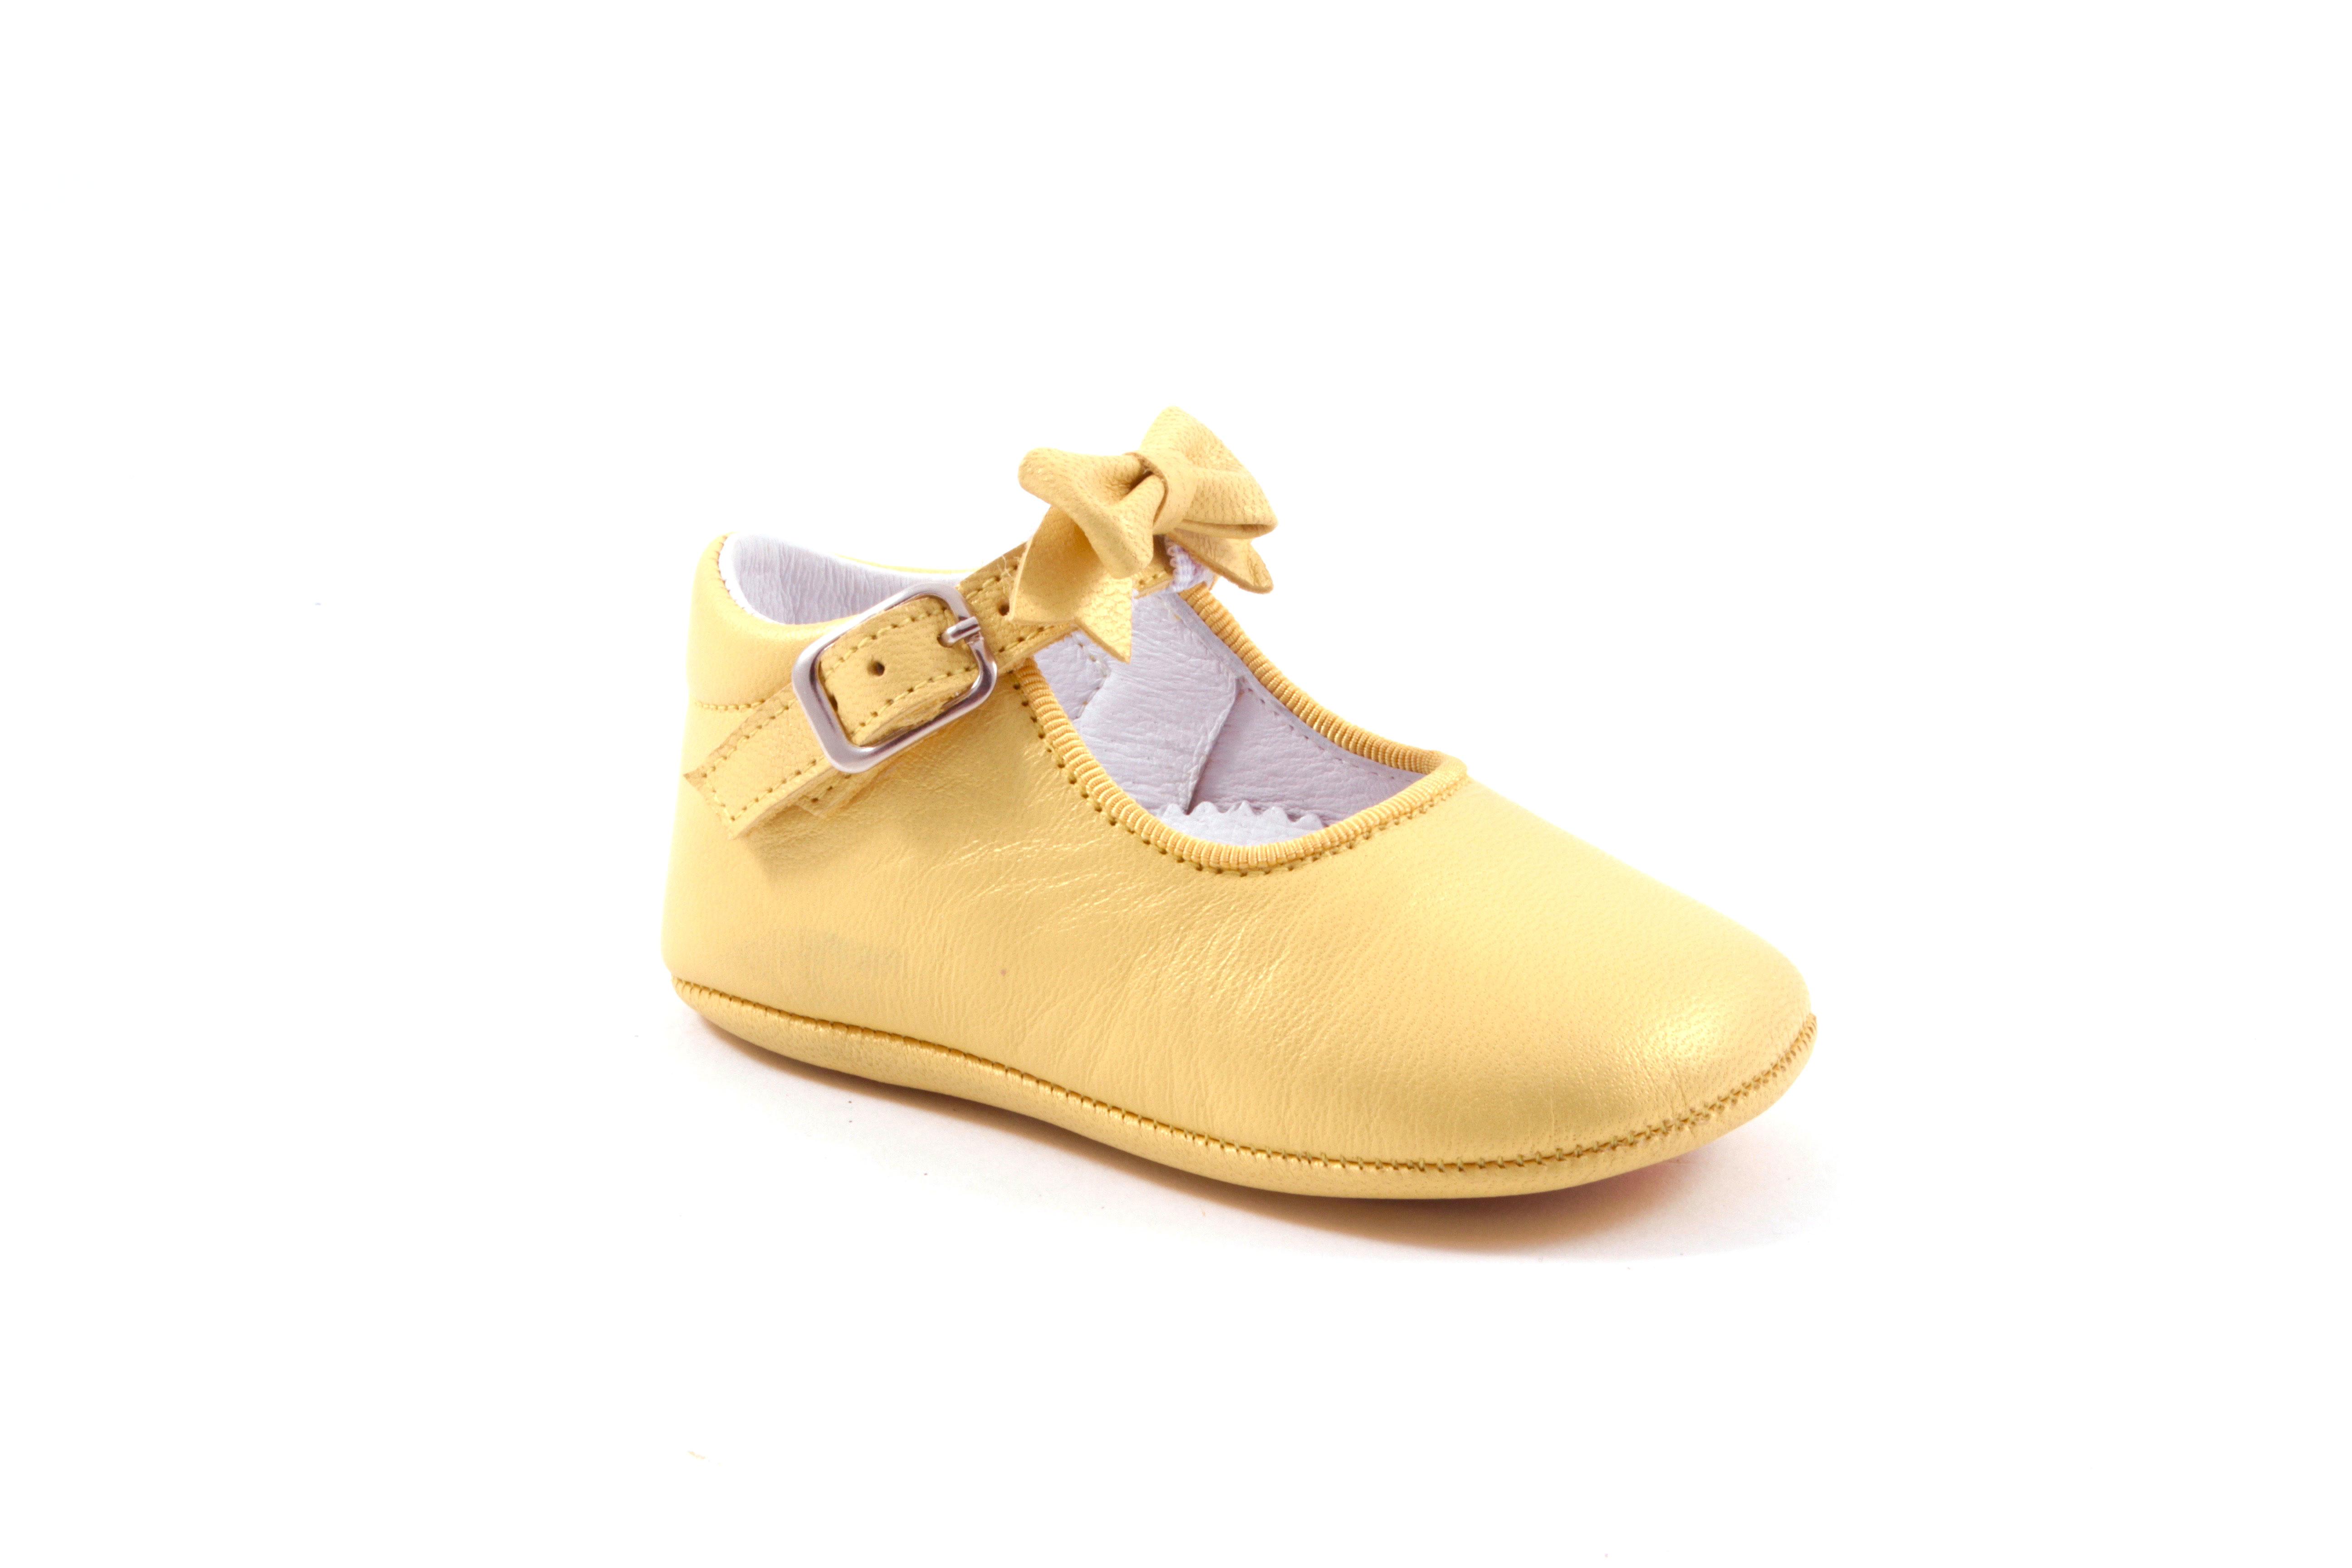 Tricati pantoffel in geel met gespje